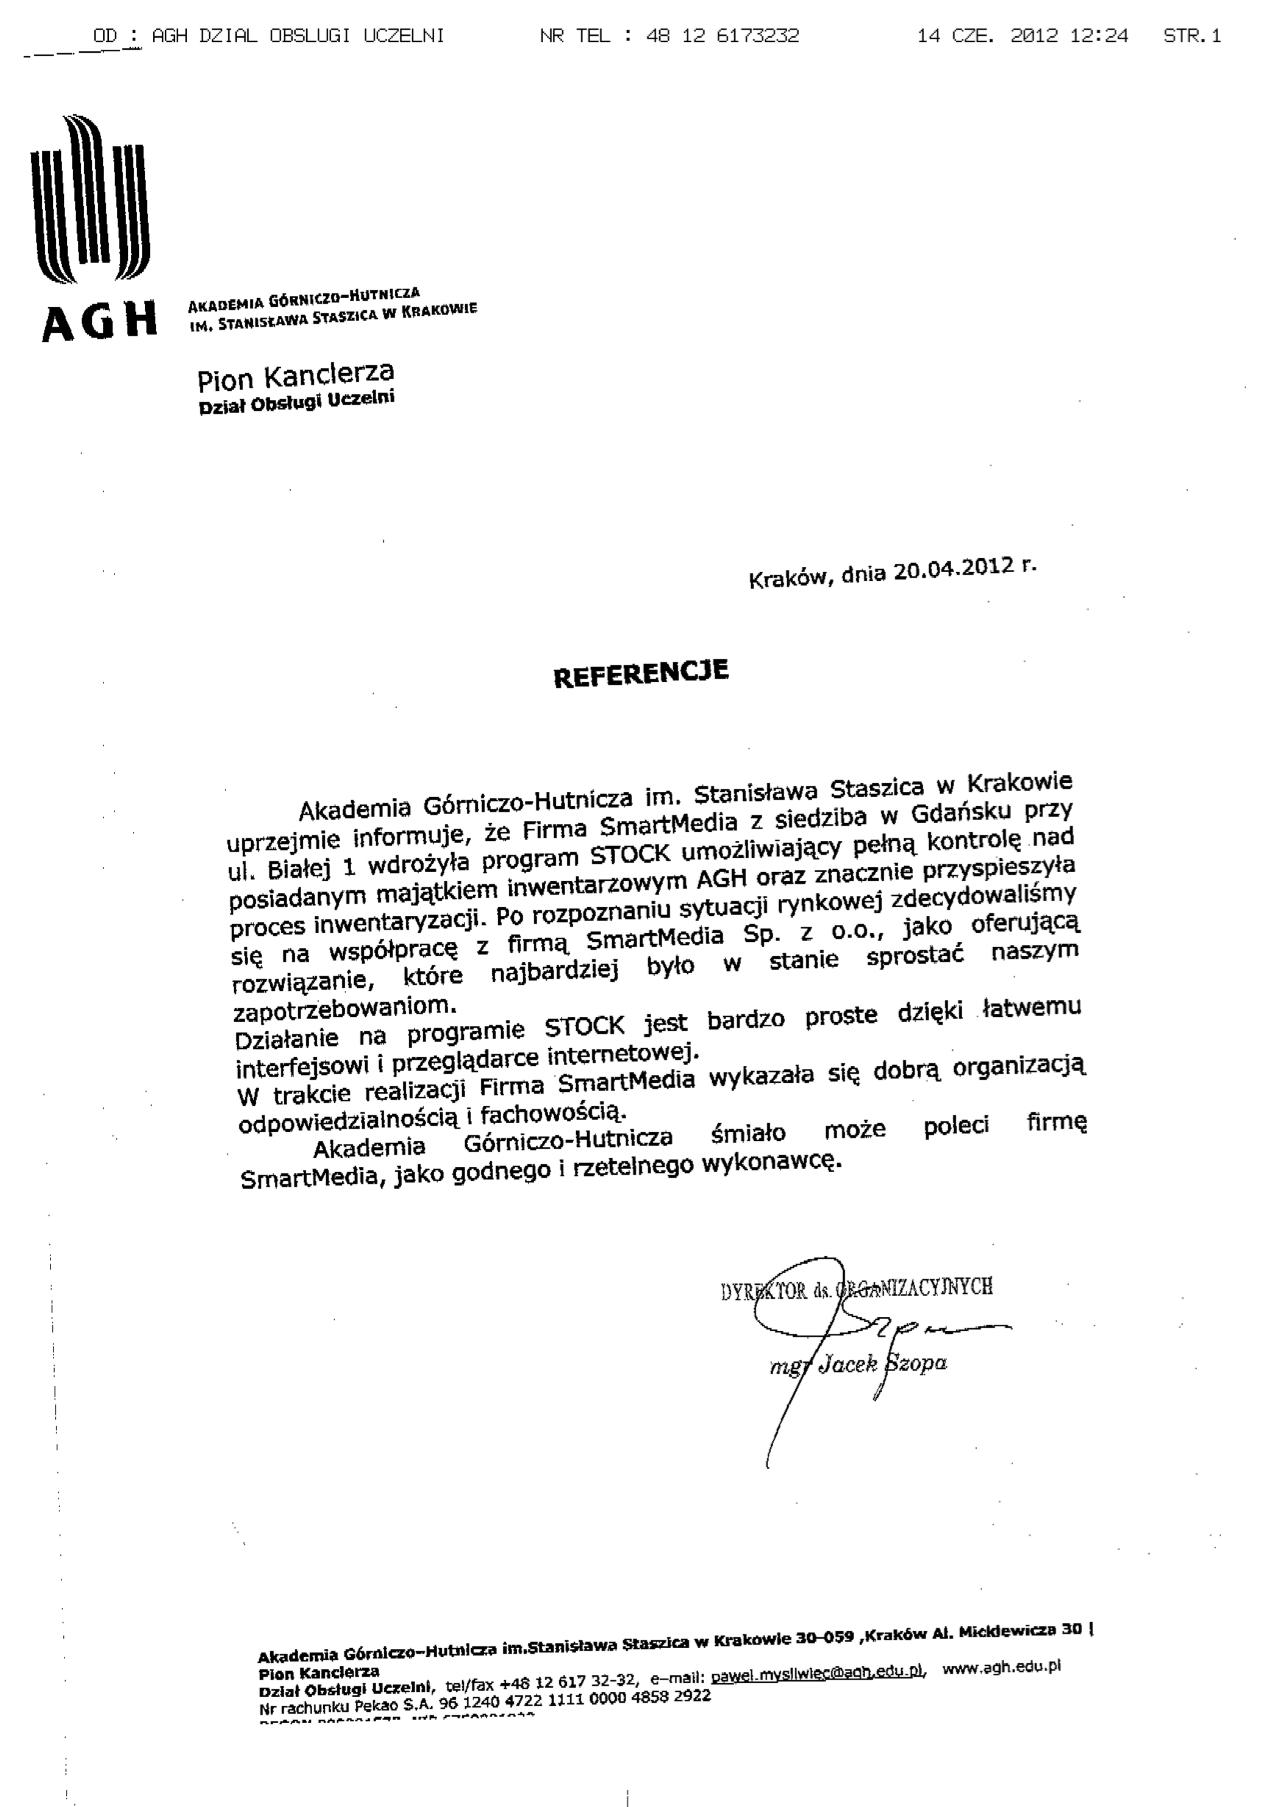 Akademia Górniczo-Hutnicza im. Stanisława Staszica w Krakowie